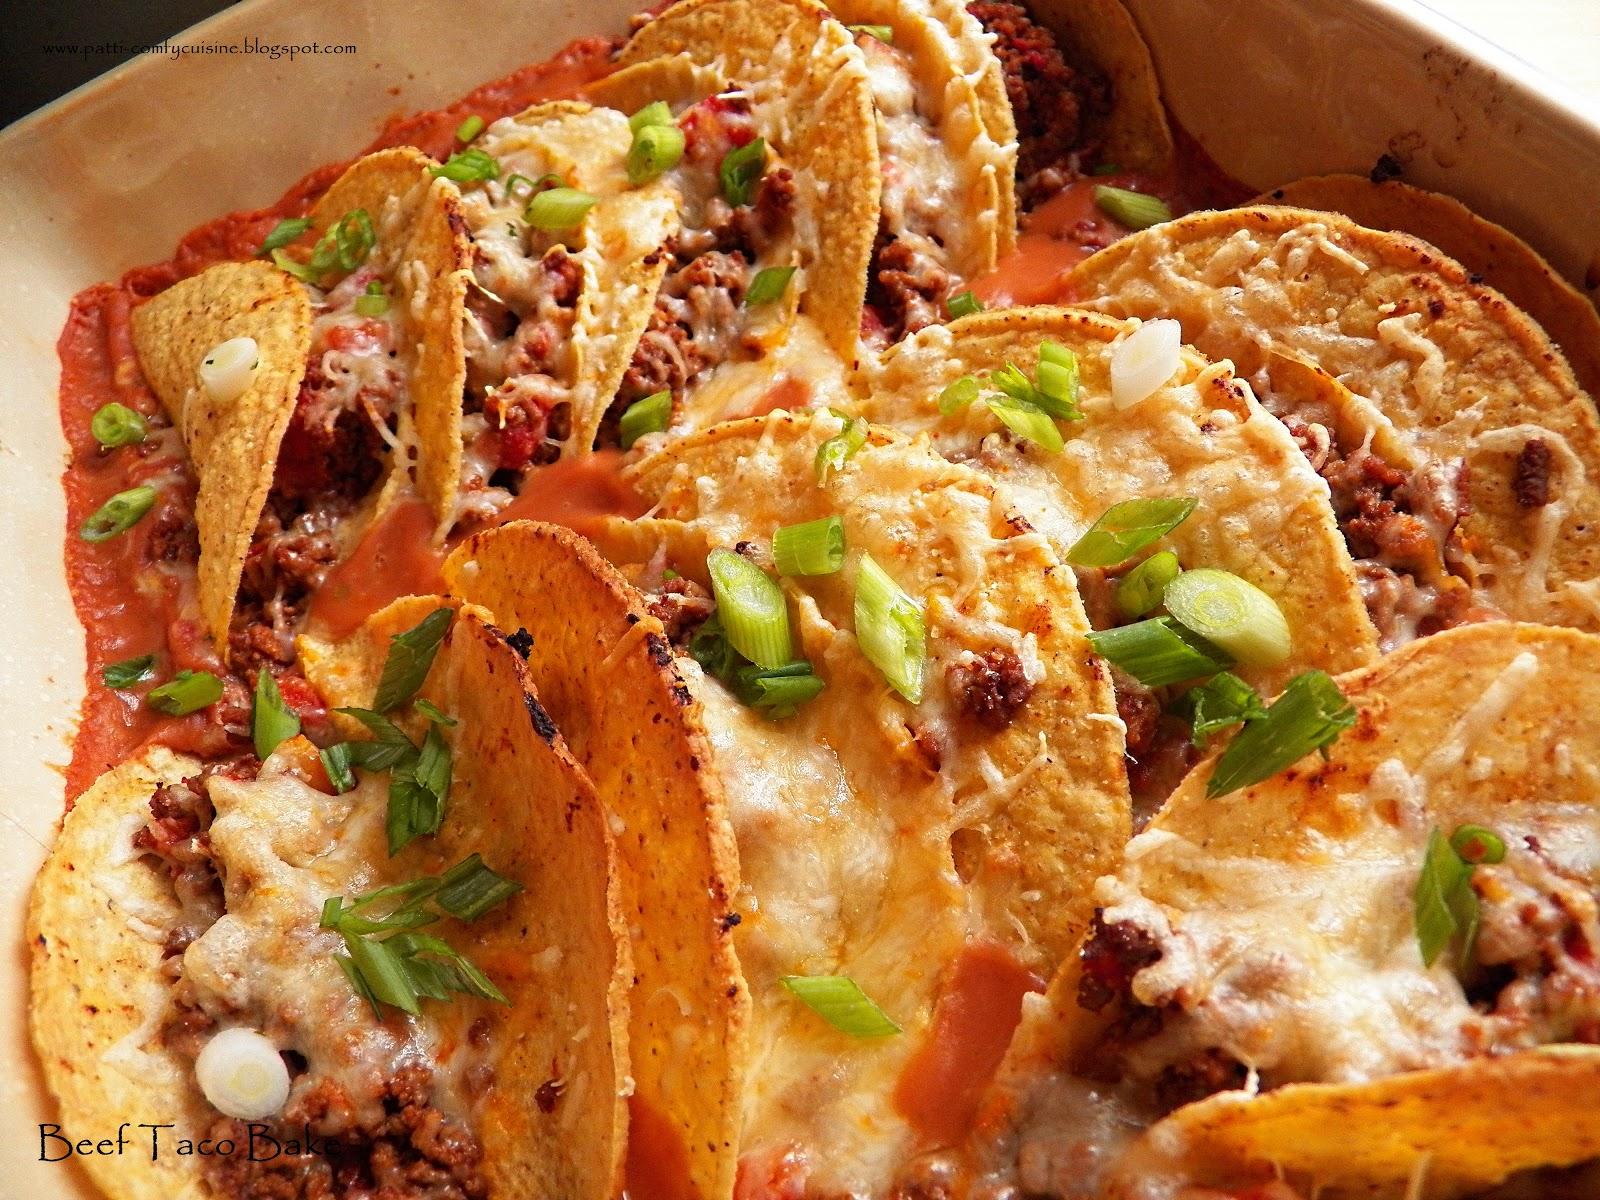 Beef+Taco+Bake.jpg